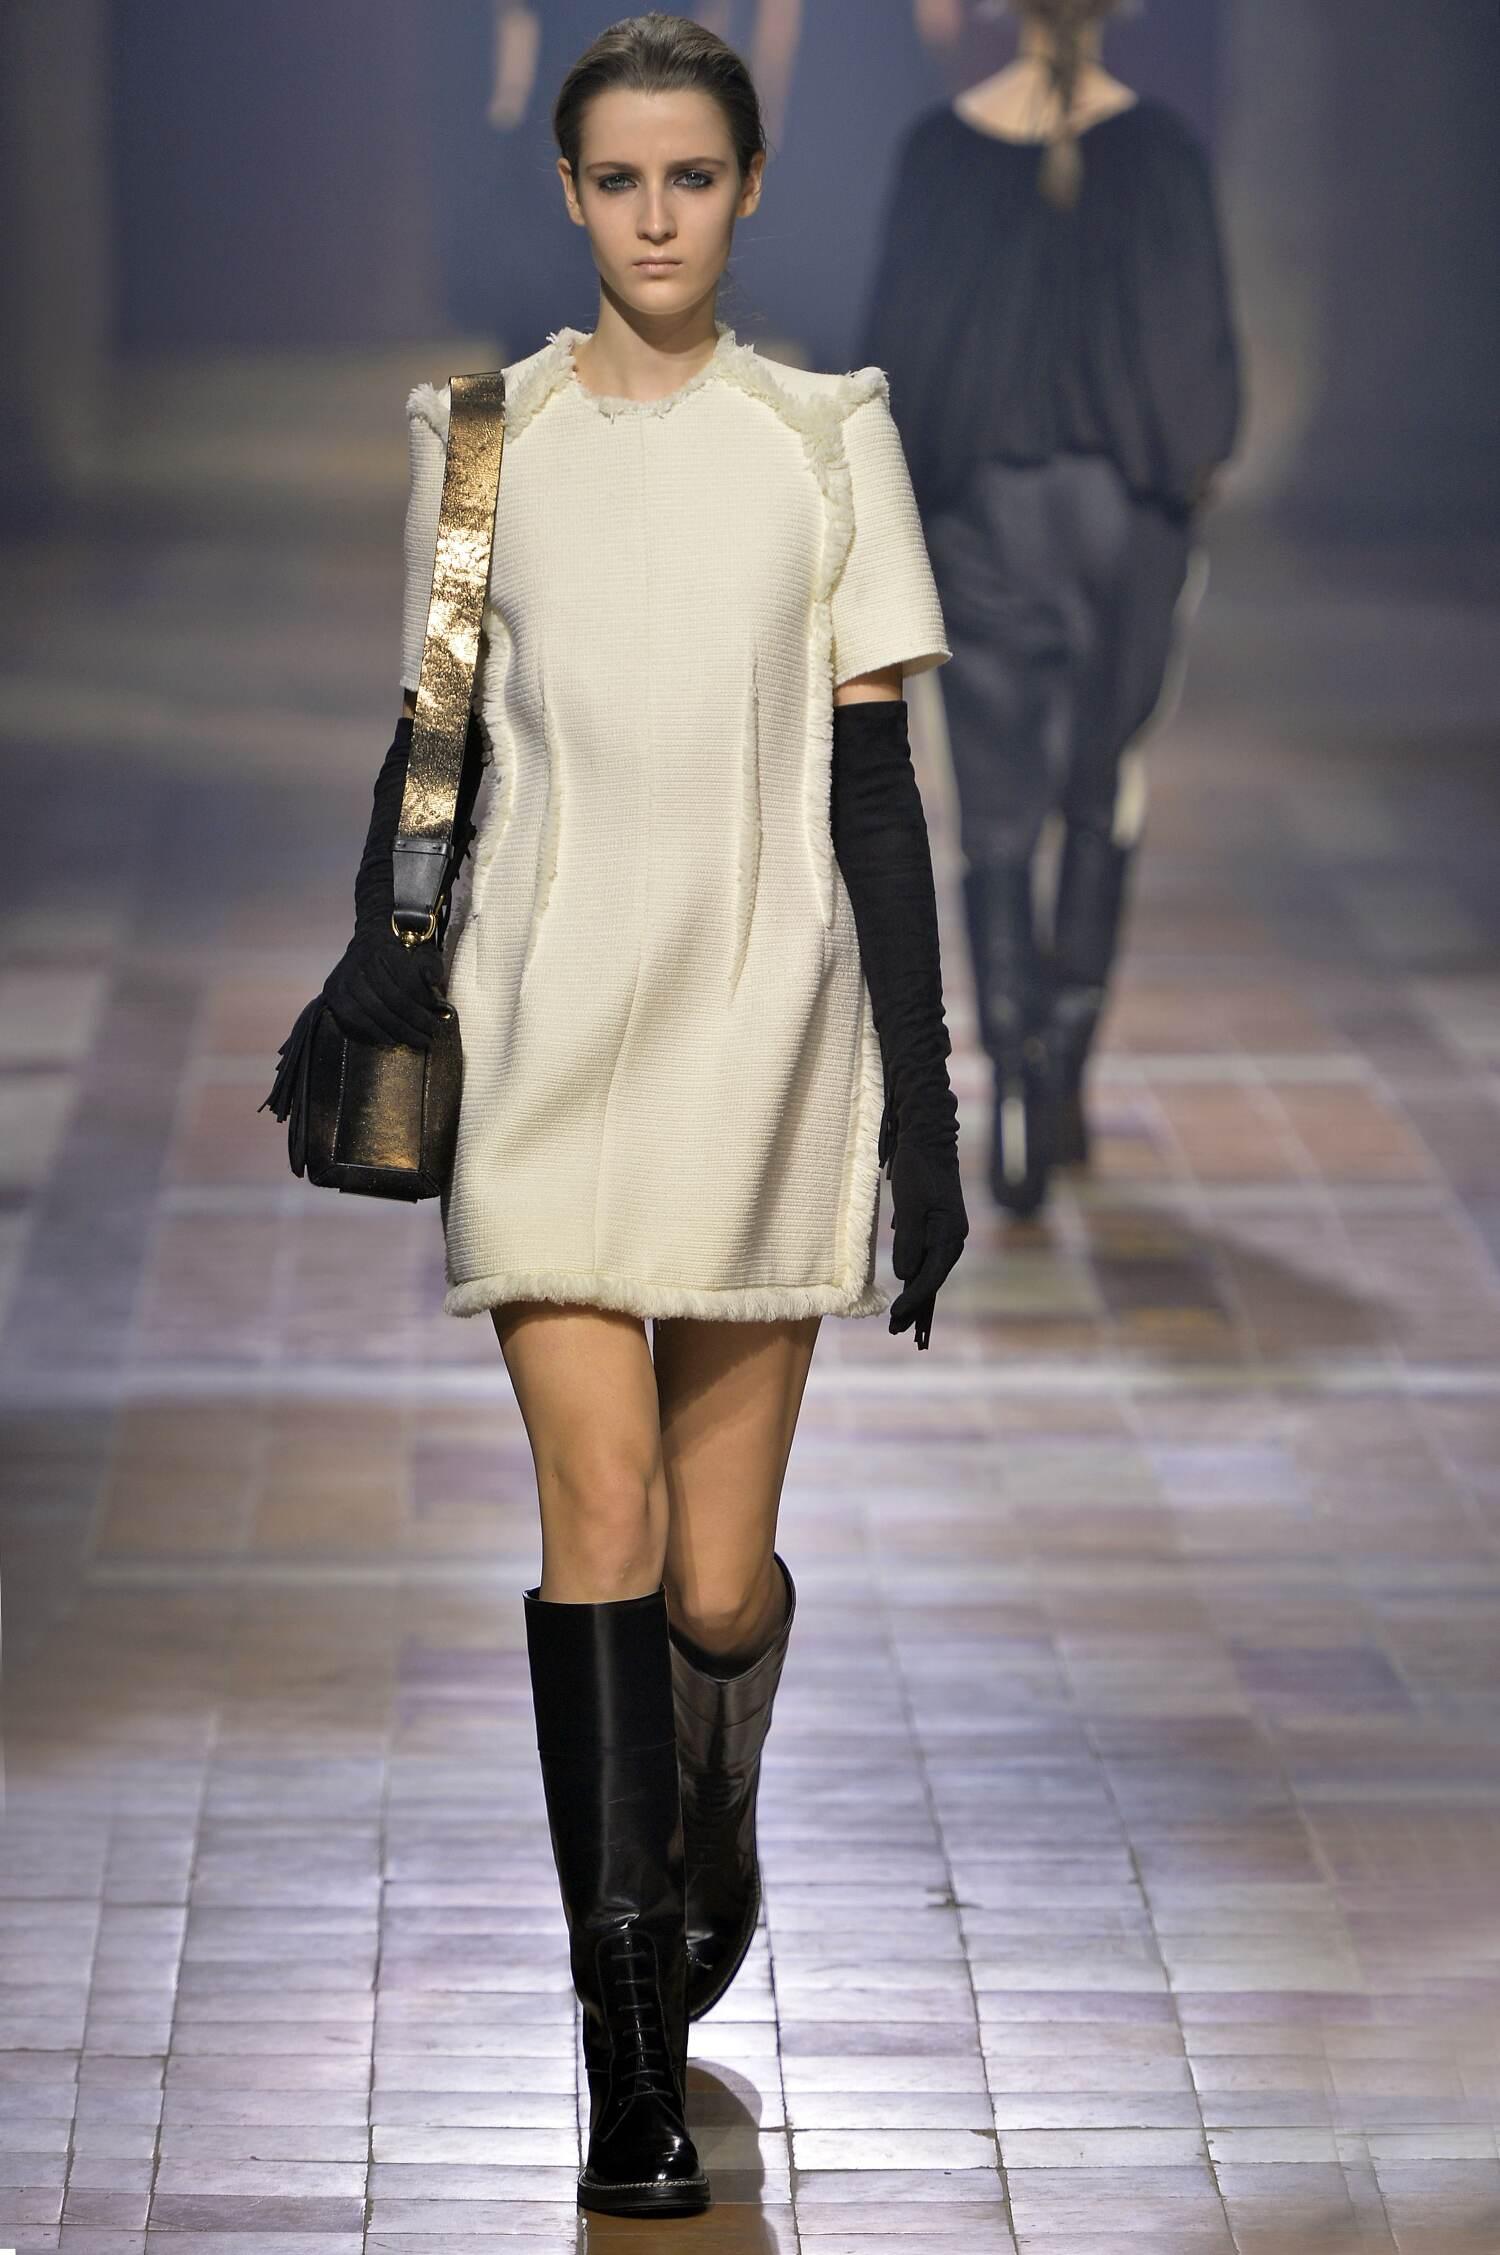 Lanvin Collection Paris Fashion Week Womenswear